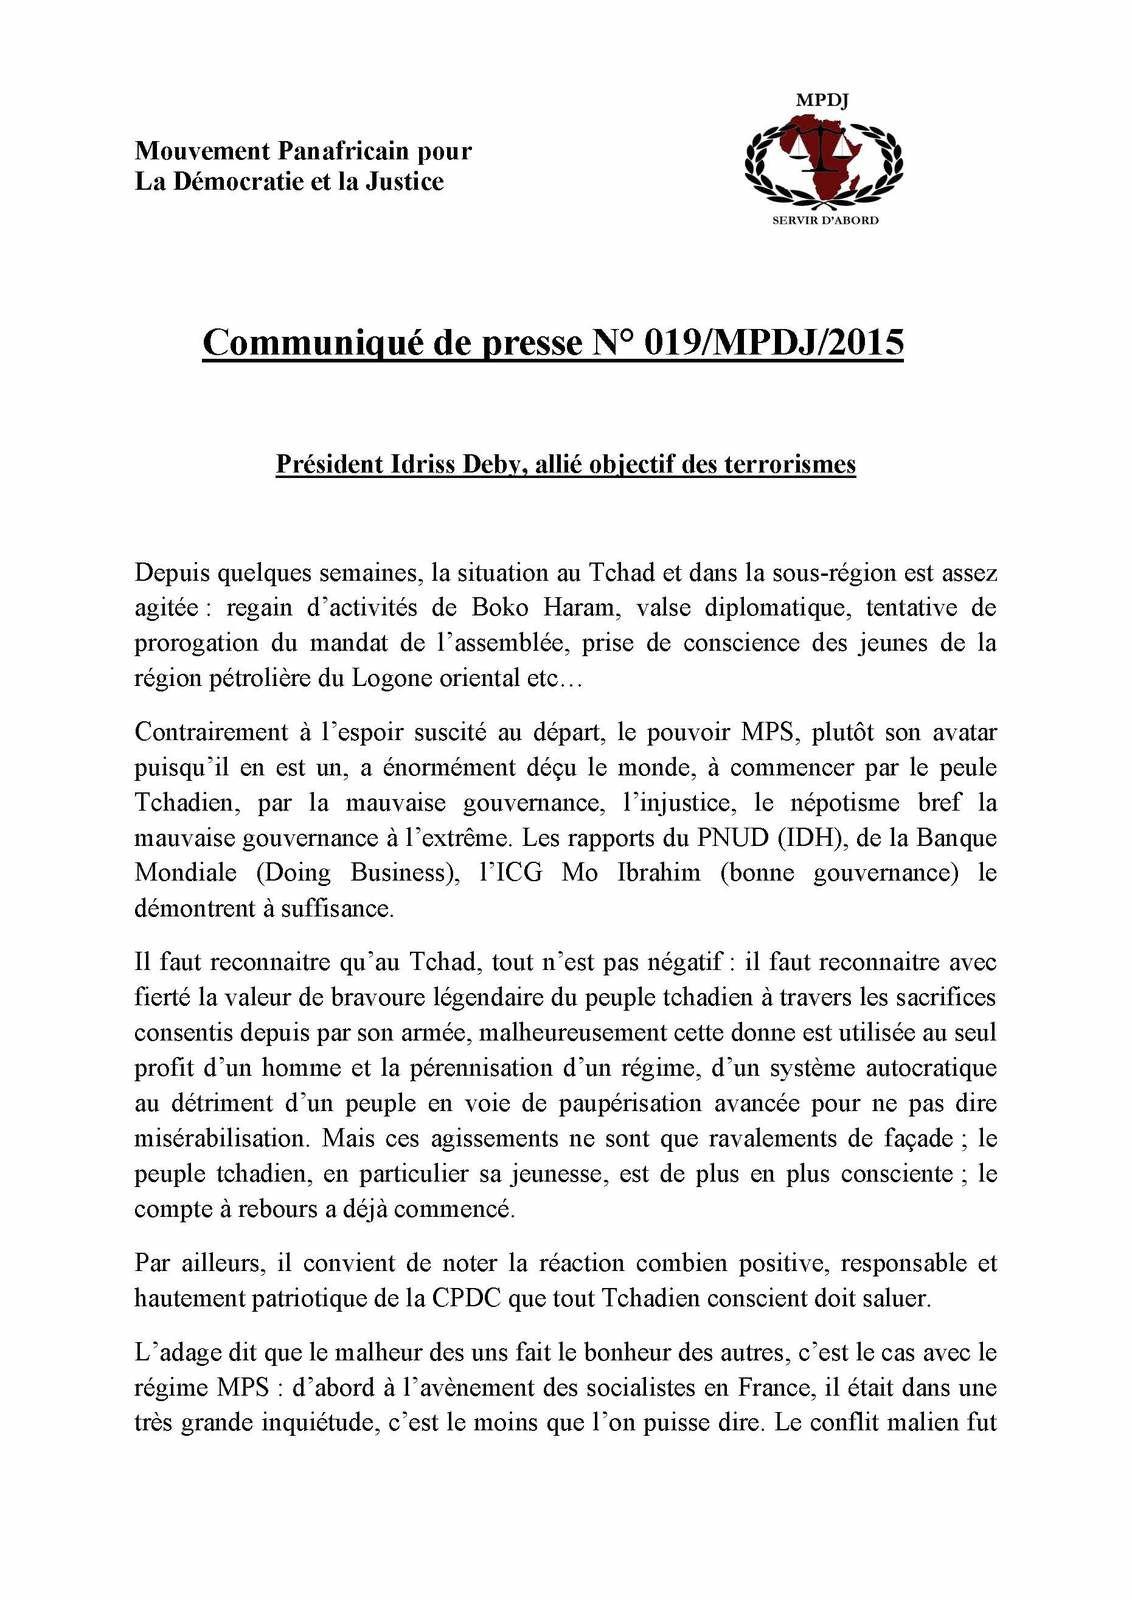 MPDJ: Idrisss Deby, allié objectif des terrorismes (communiqué de presse)